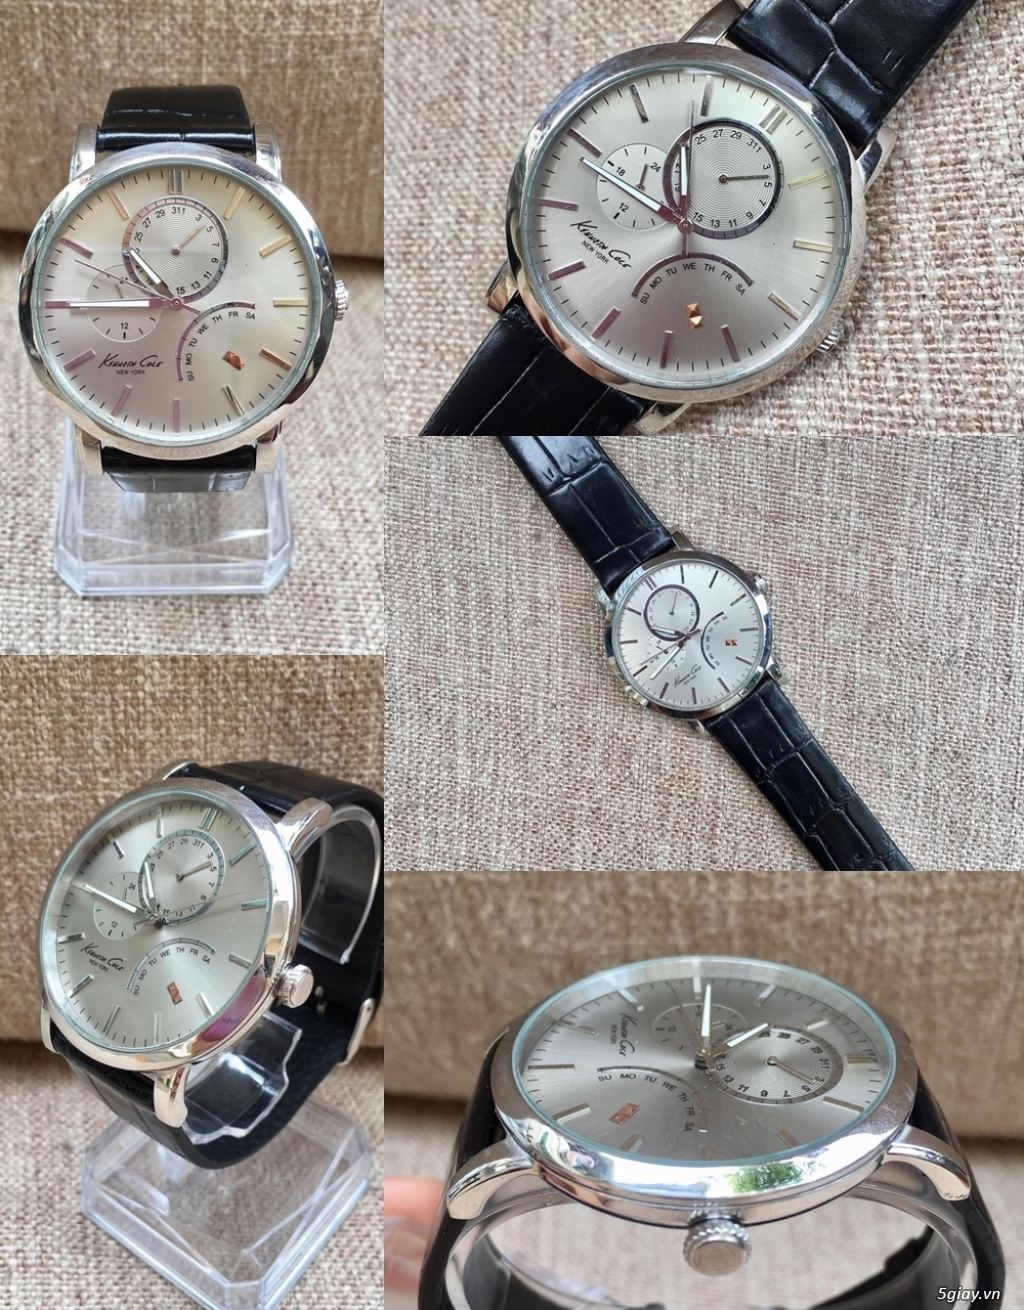 Kho đồng hồ xách tay chính hãng secondhand update liên tục - 37